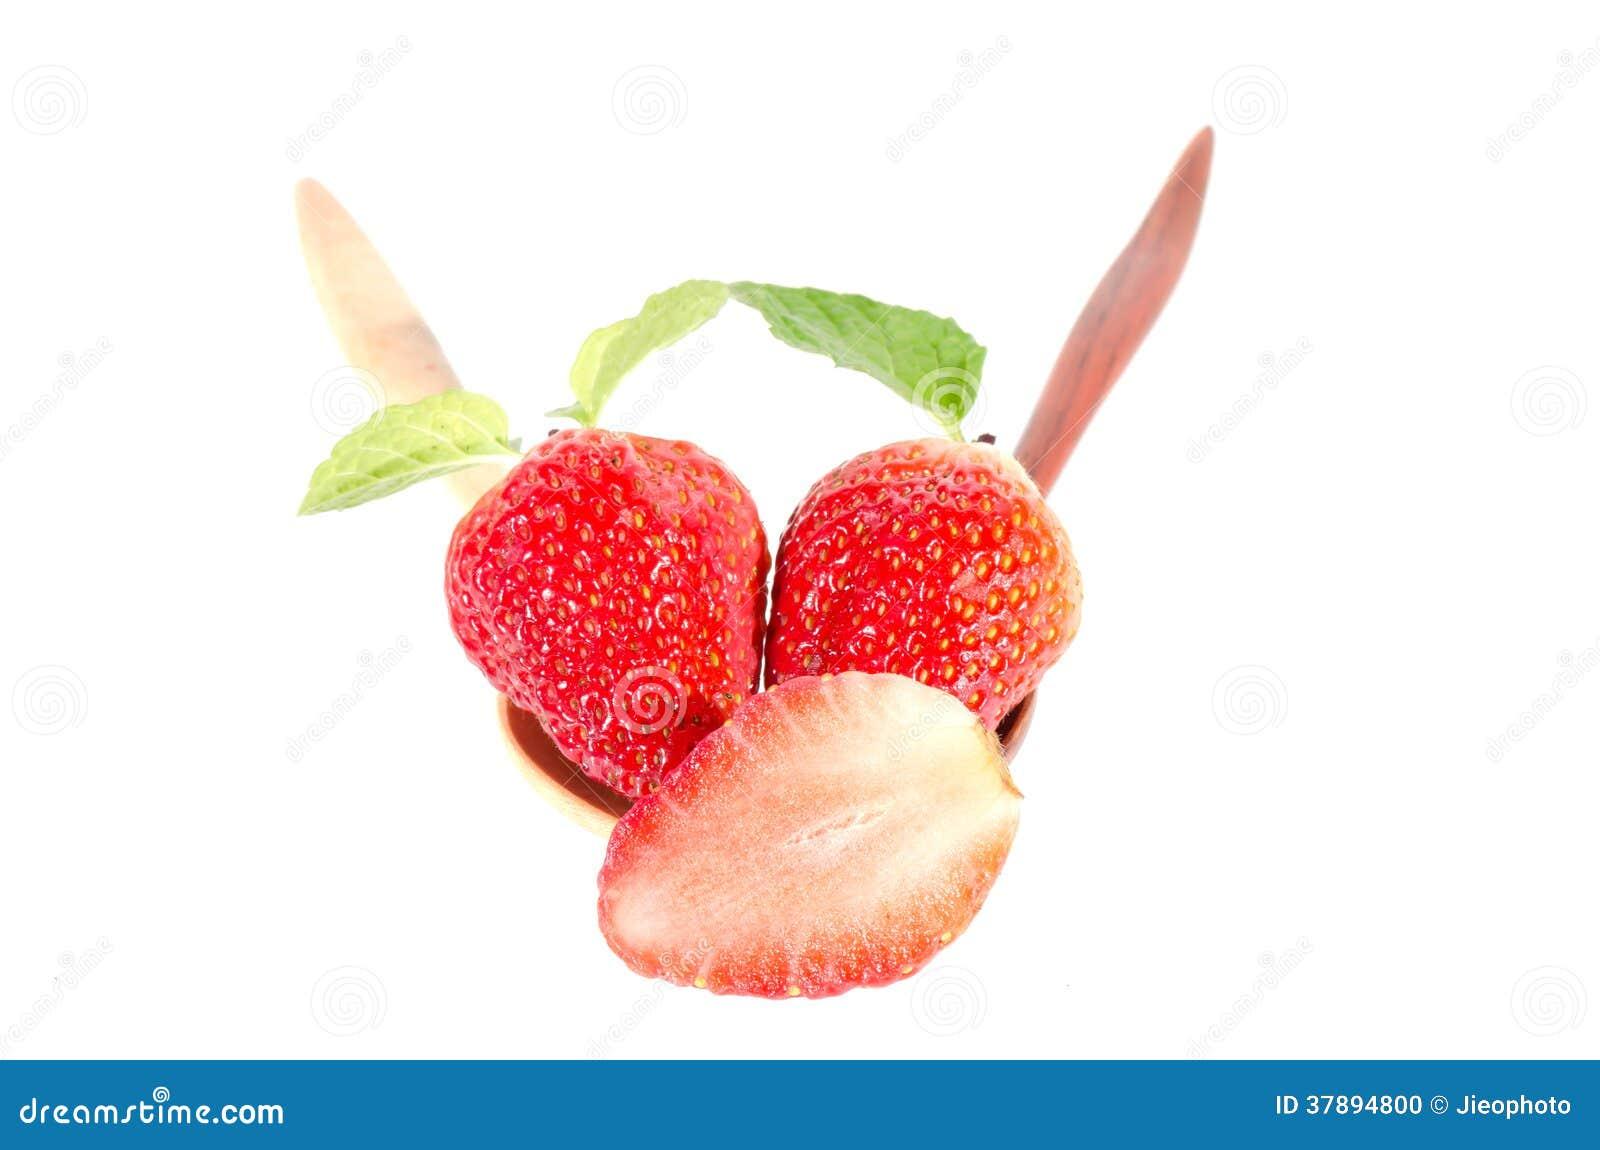 Aardbeien. Geïsoleerd op een witte achtergrond.